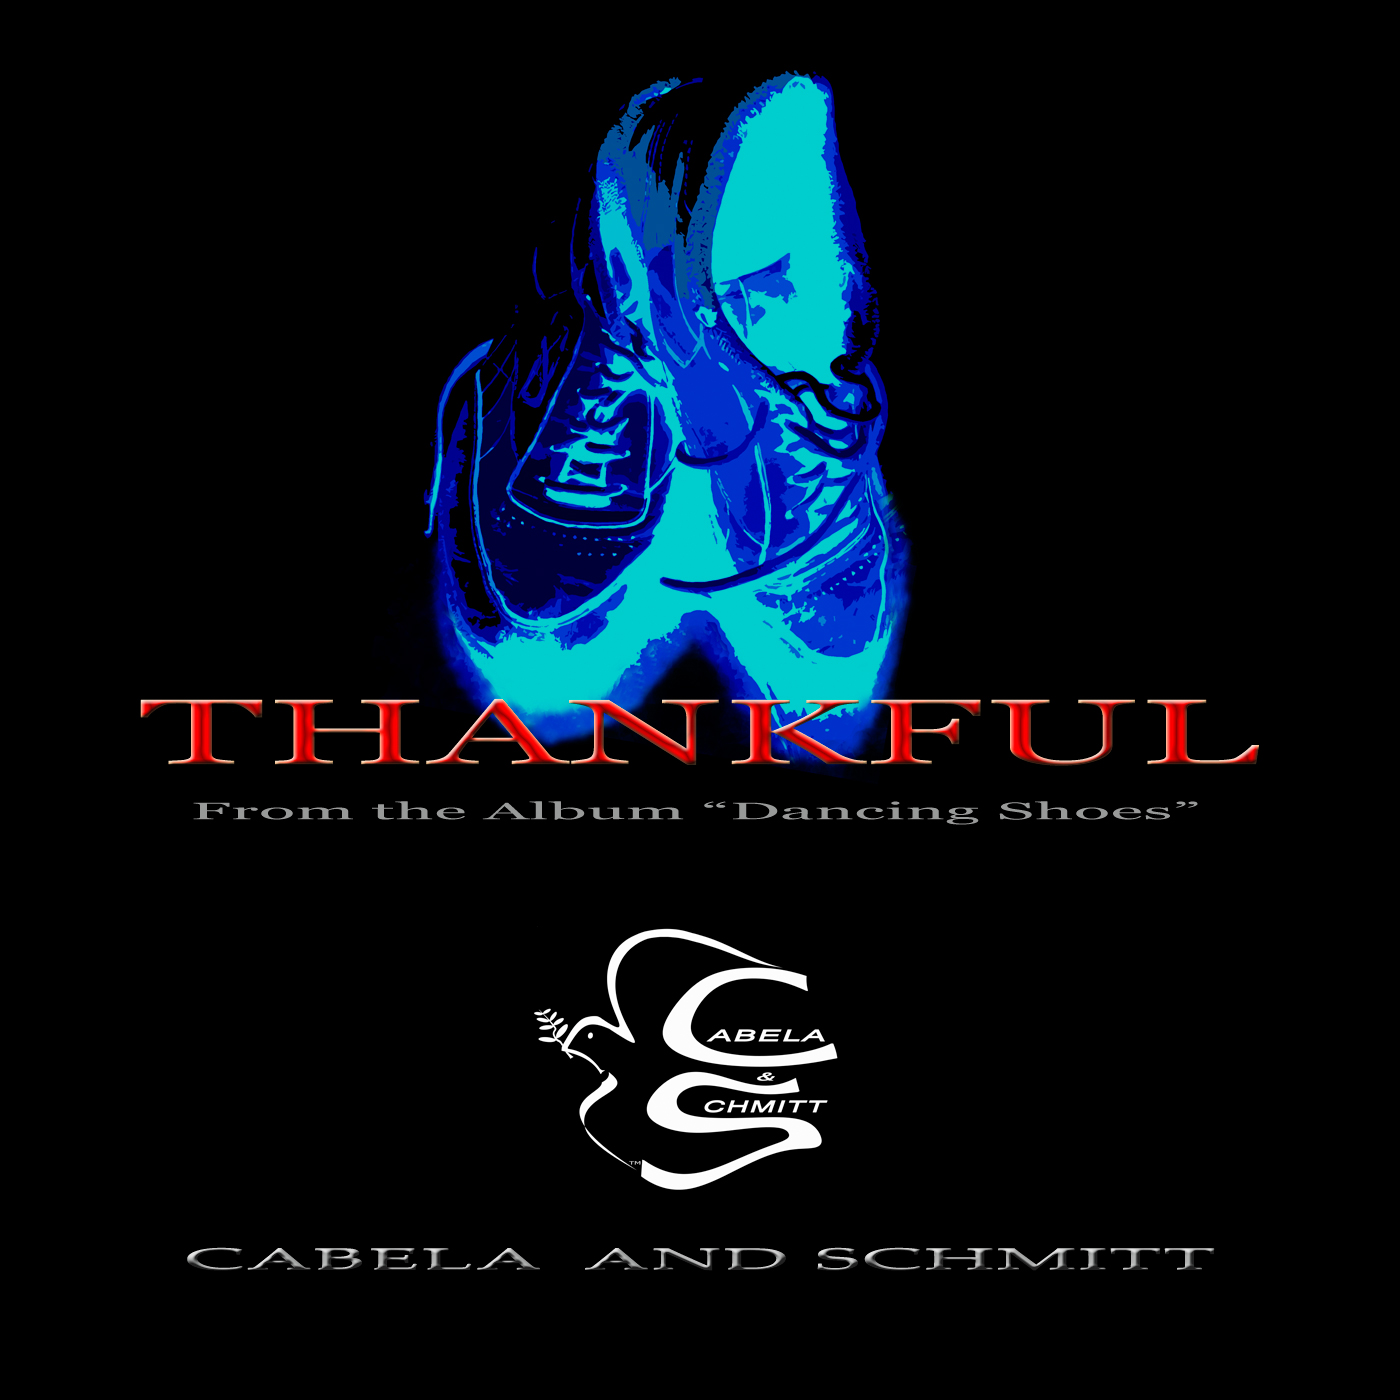 Cabela and Schmitt D-S-cover-2-Thankful-1400 (1).jpg